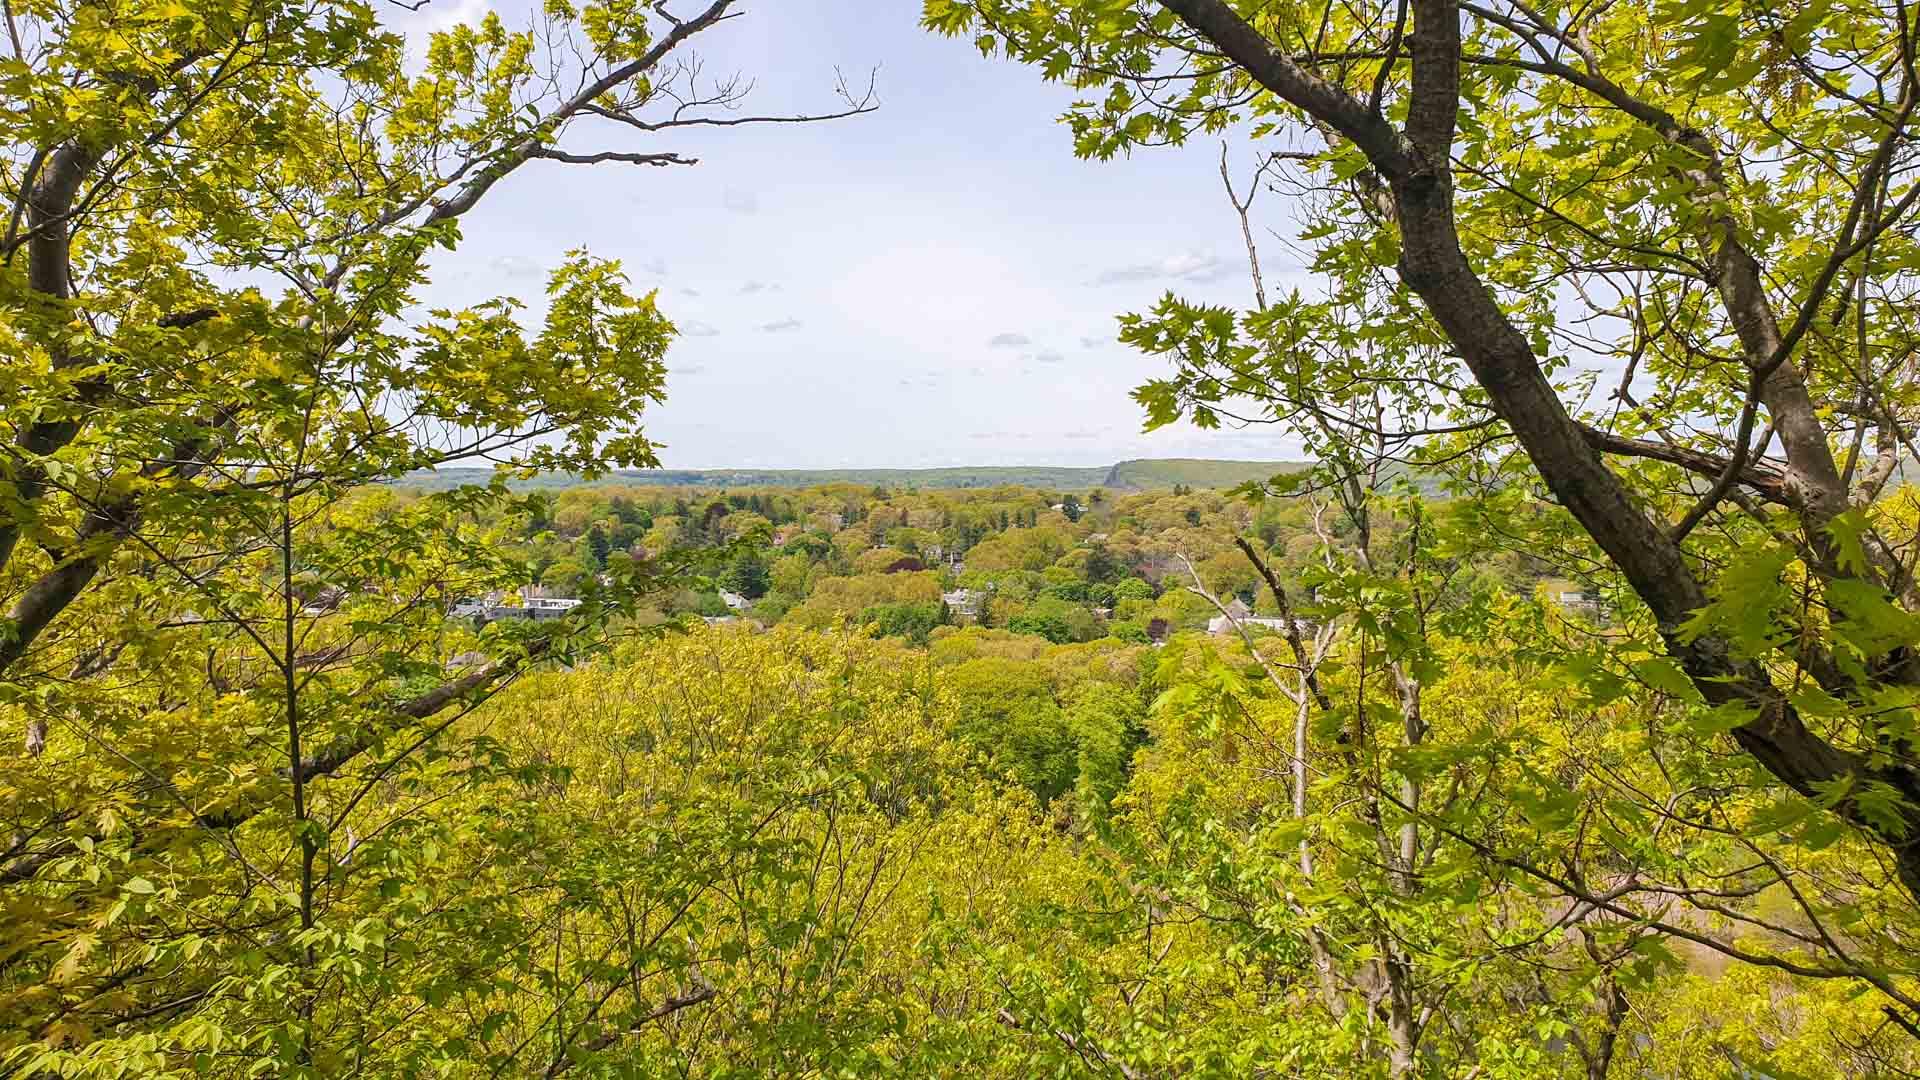 Vistas de West Rock Park, New Haven, Connecticut